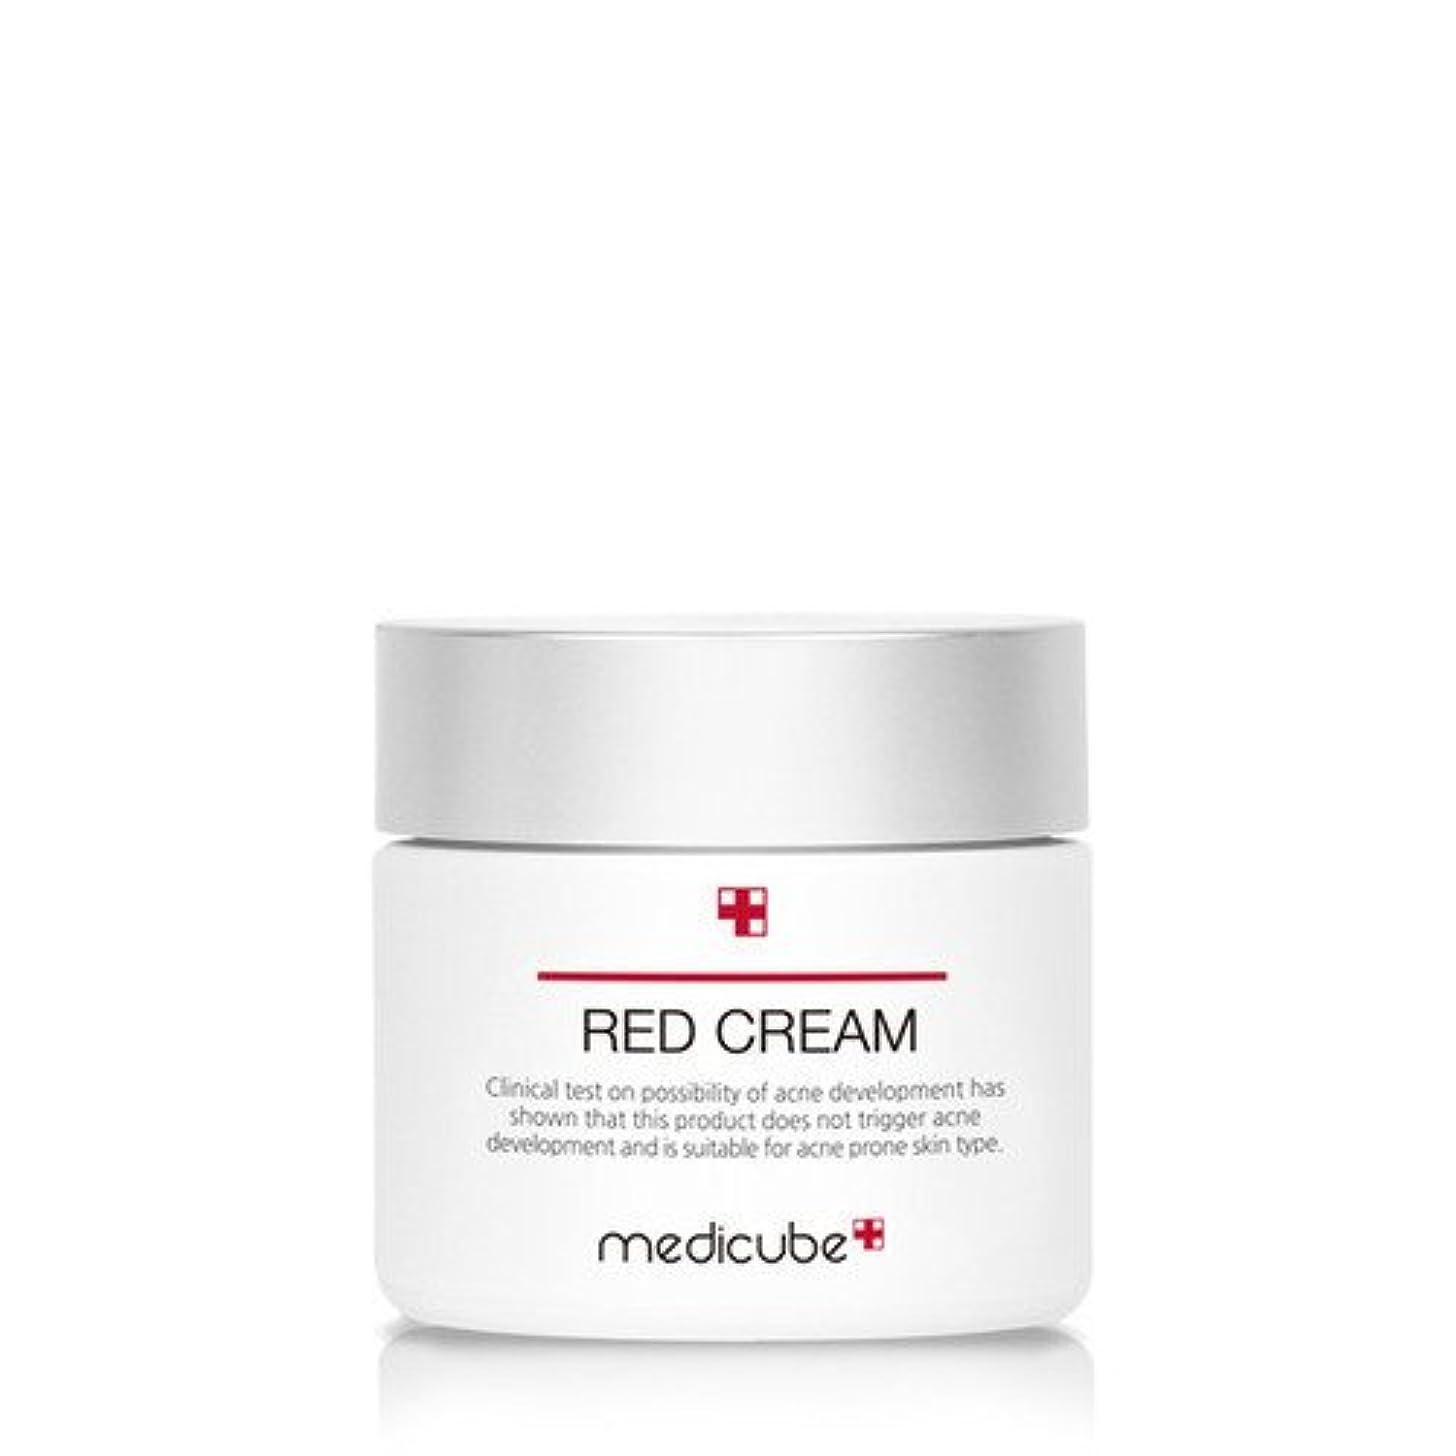 楽しむ勉強する追い出す[Medicube]メディキューブ レッドクリーム 50ml / Medicube Red Cream 50ml / 正品?海外直送商品 [並行輸入品]